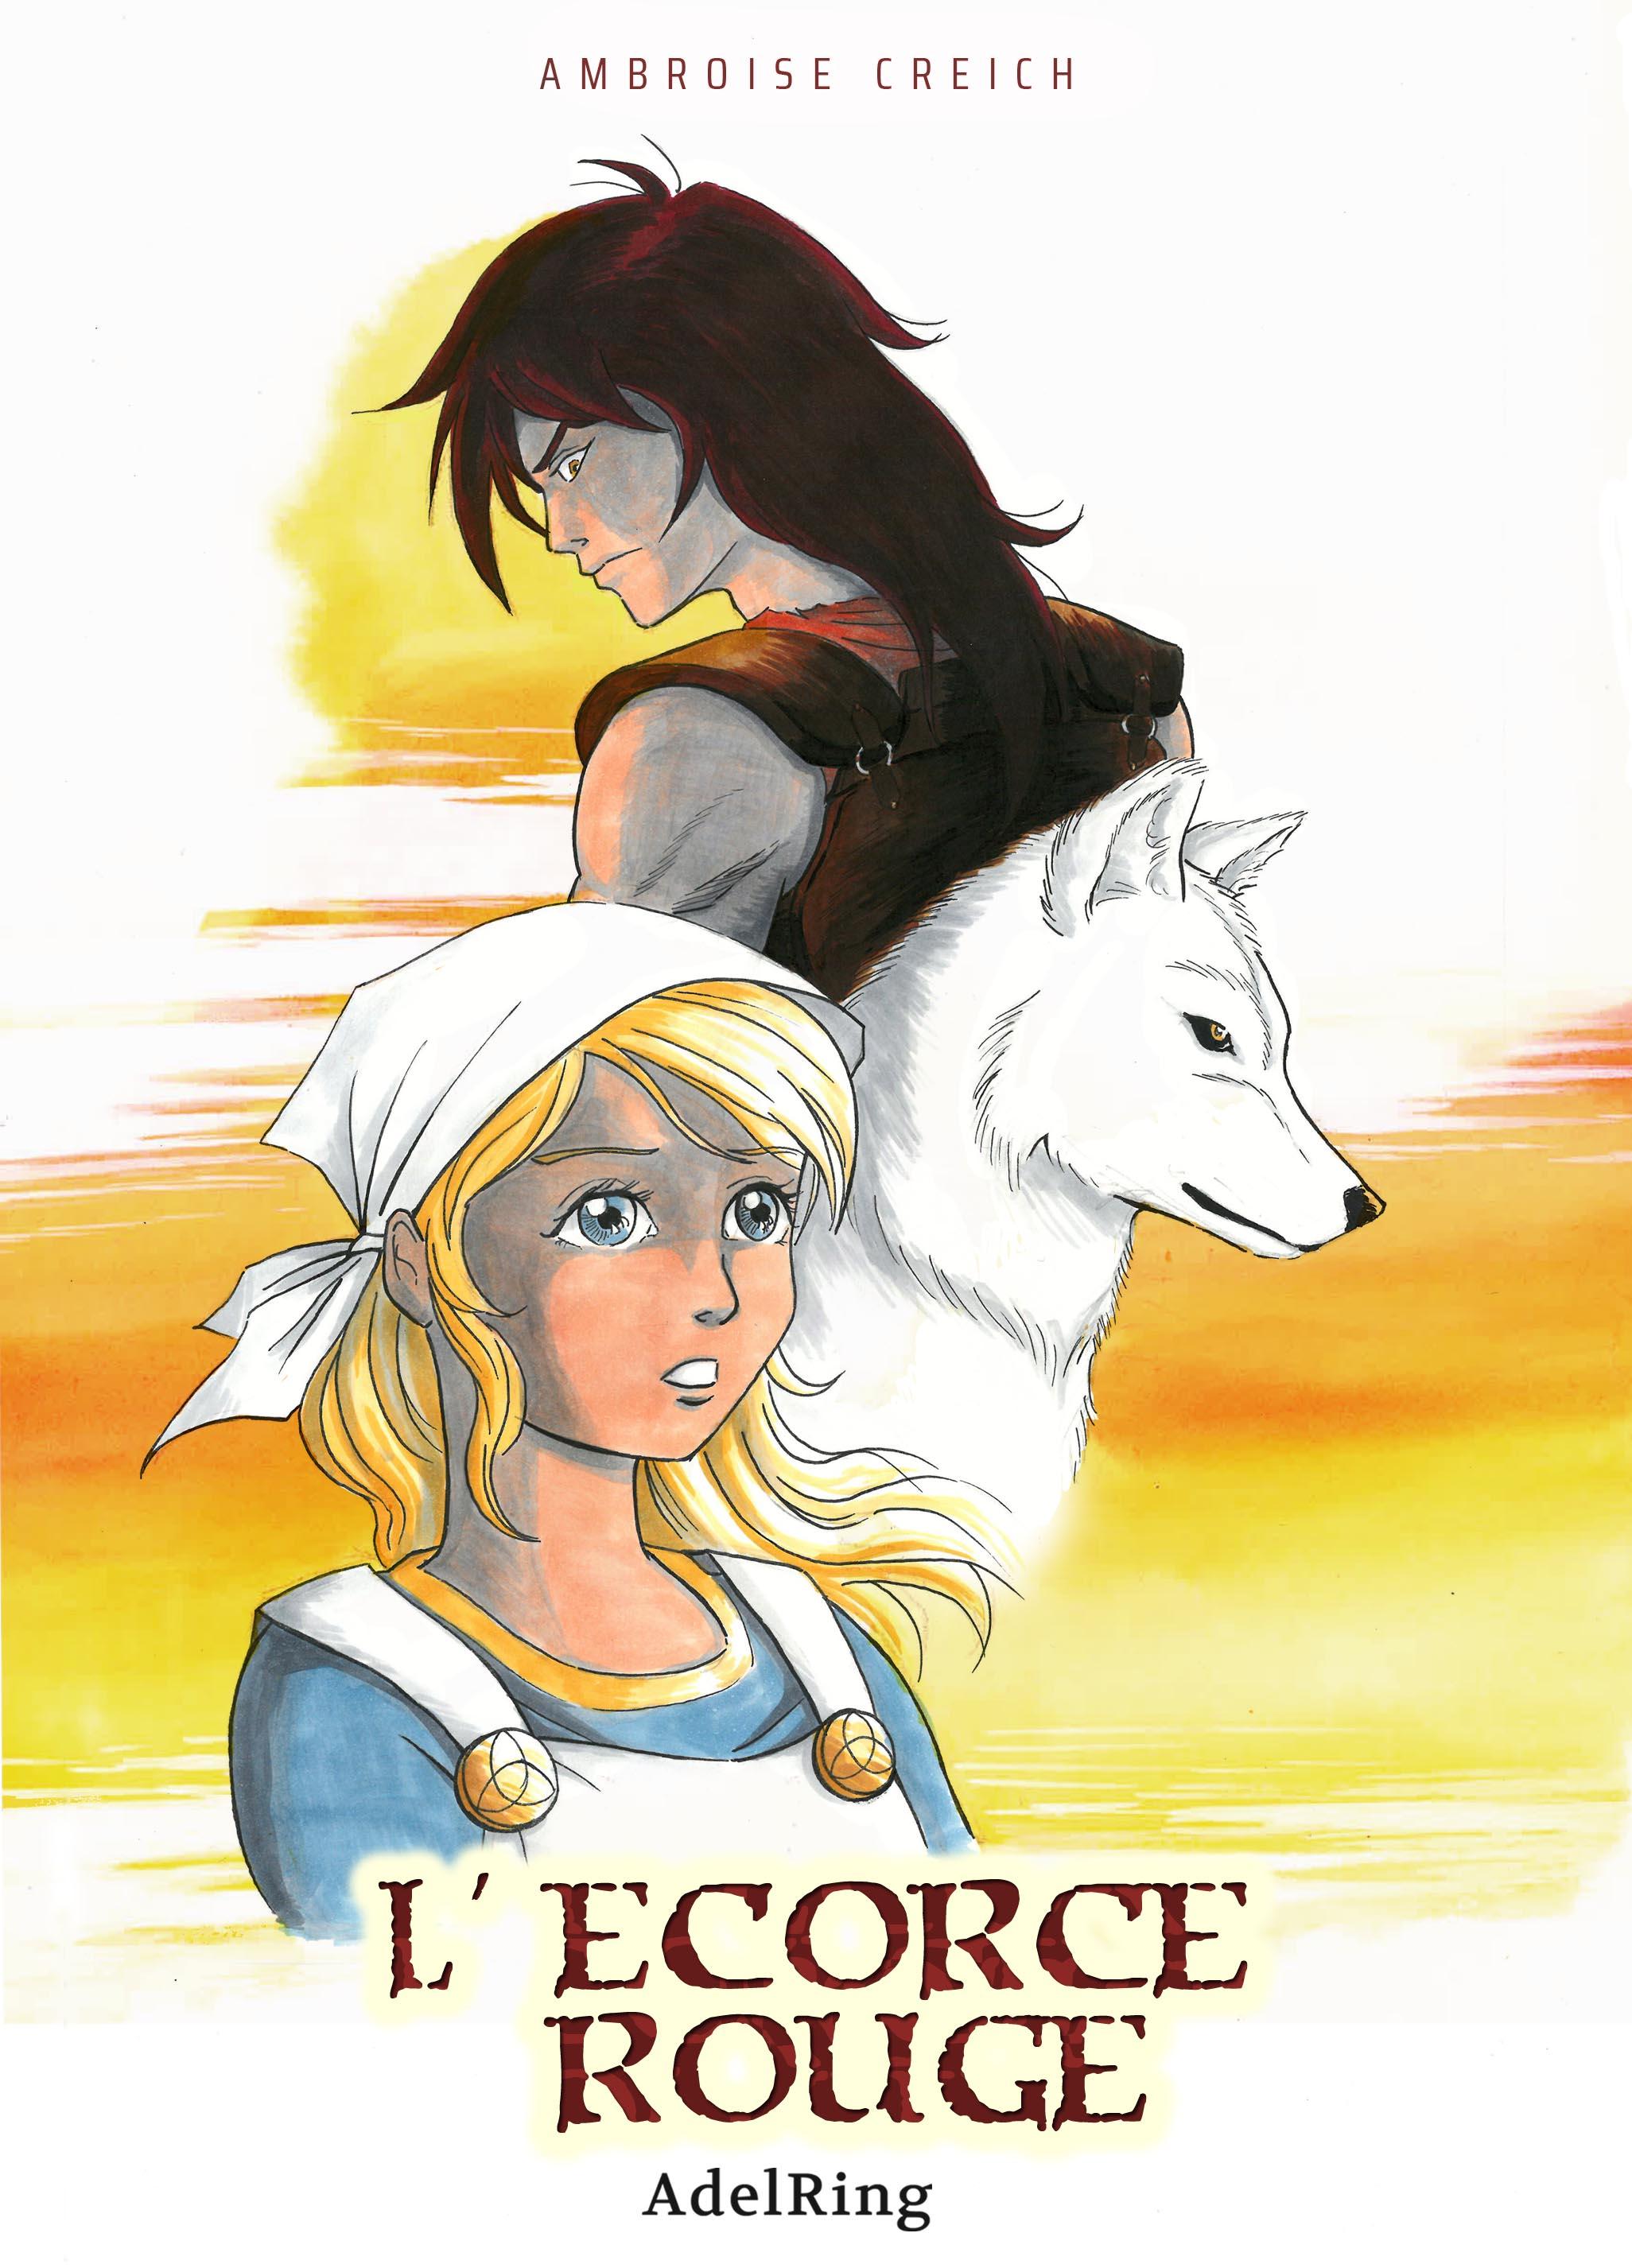 L-Ecorce-Rouge-manga